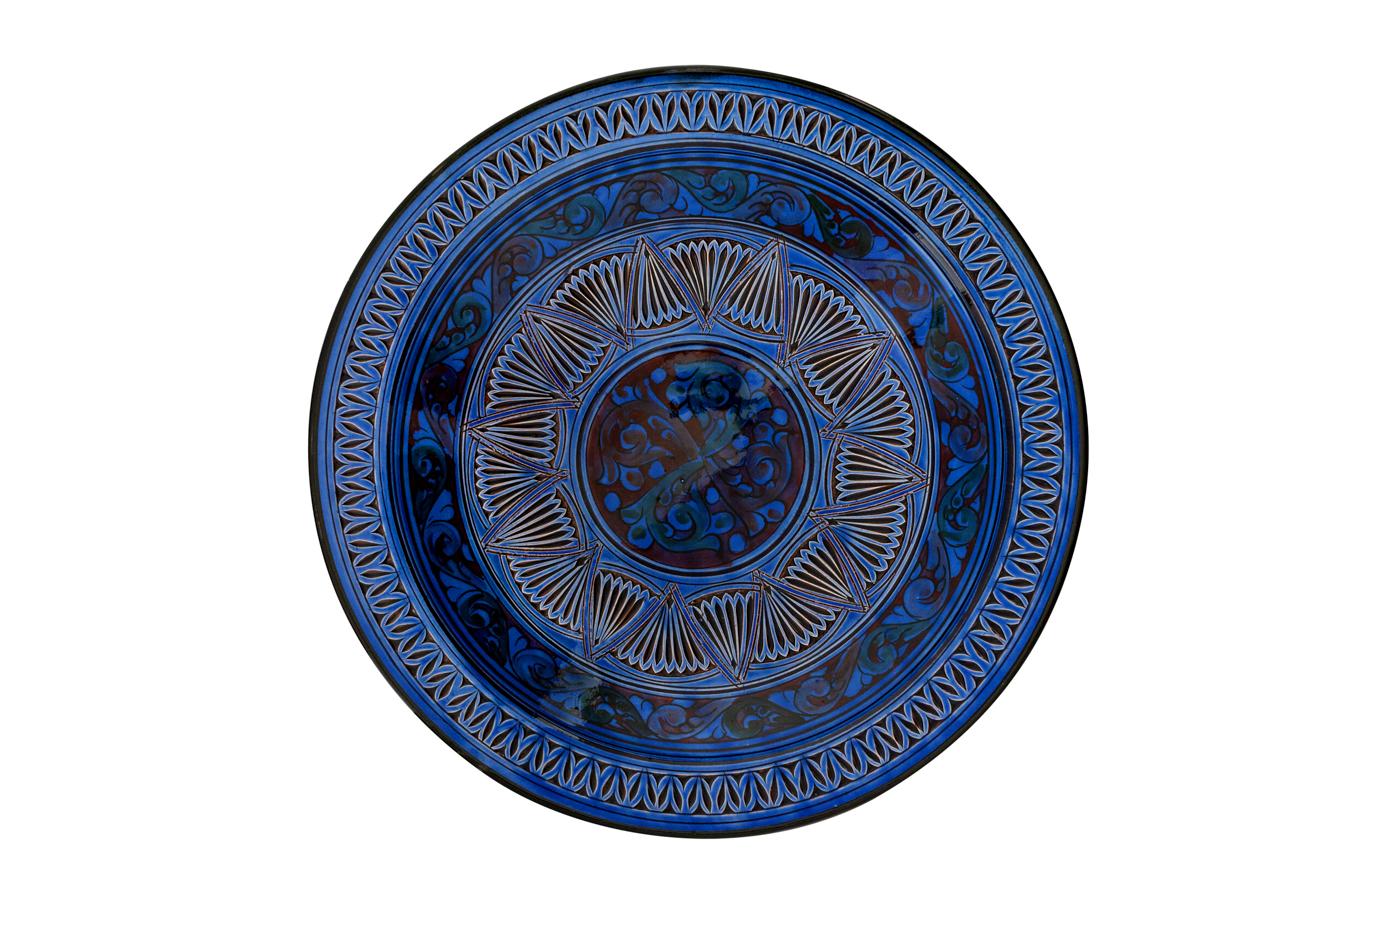 Plato Marroquí en cerámica  tallado con diseños de arabescos geométricos-Azul